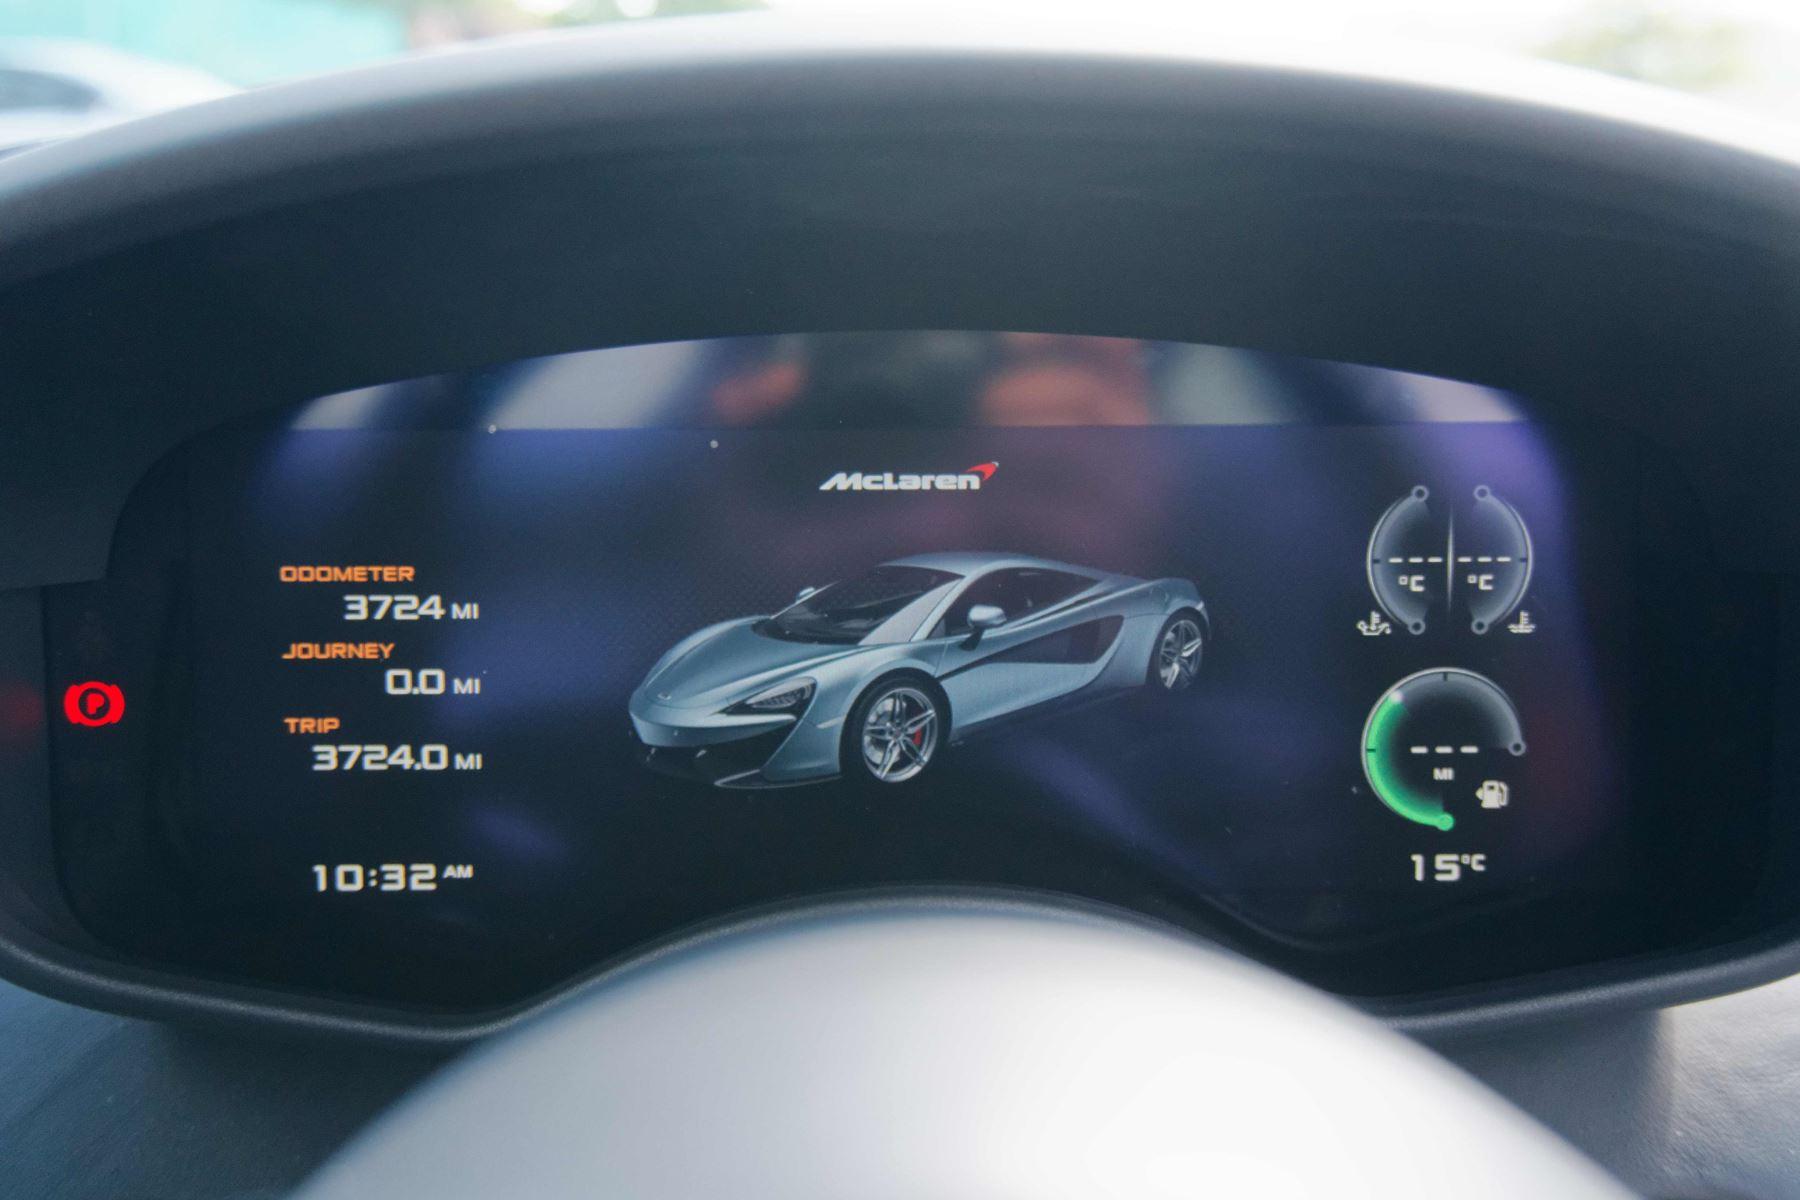 McLaren 570S Coupe SSG image 30